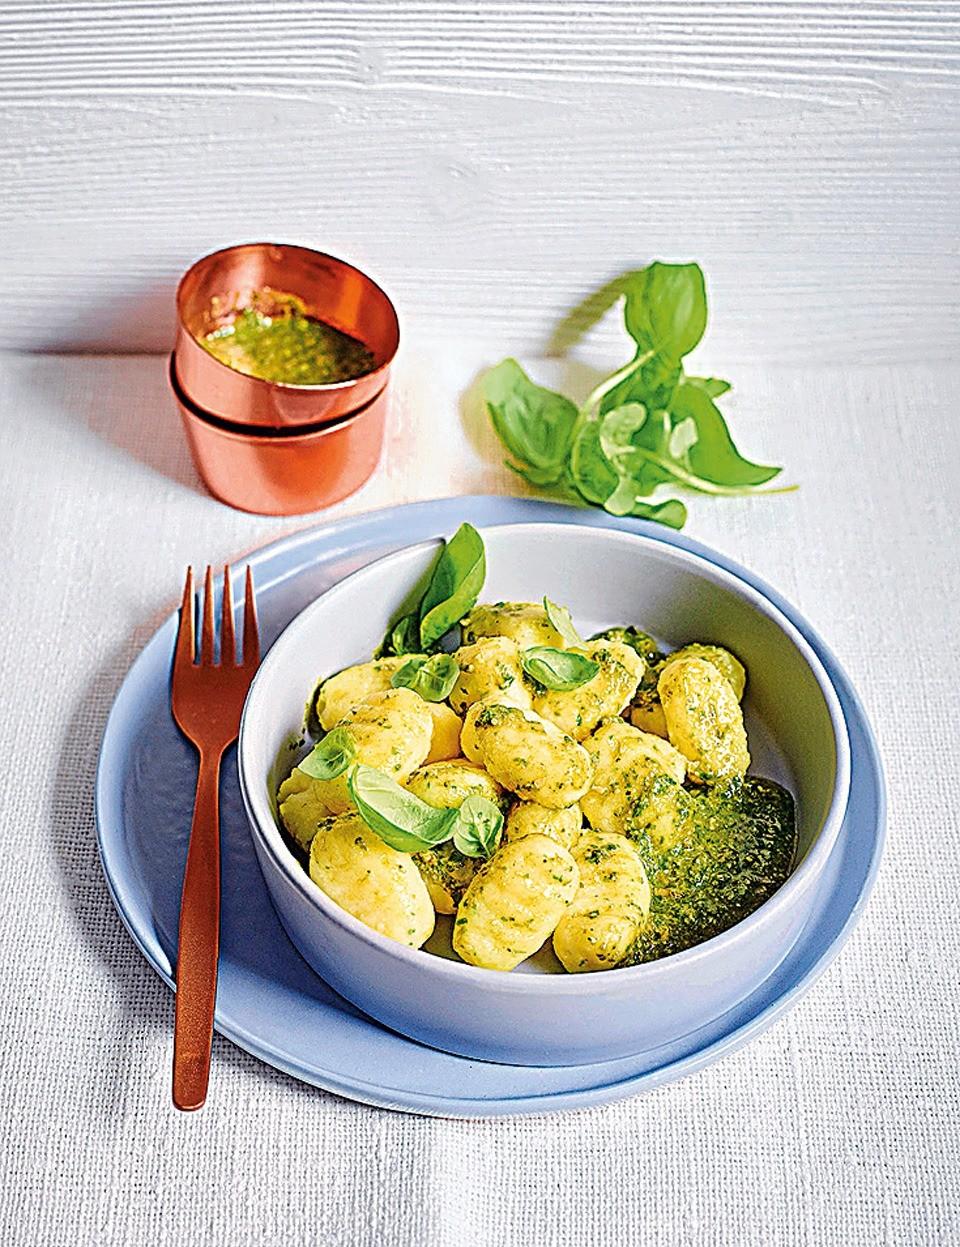 Вместо пельменей: рецепт ньокки с базиликом